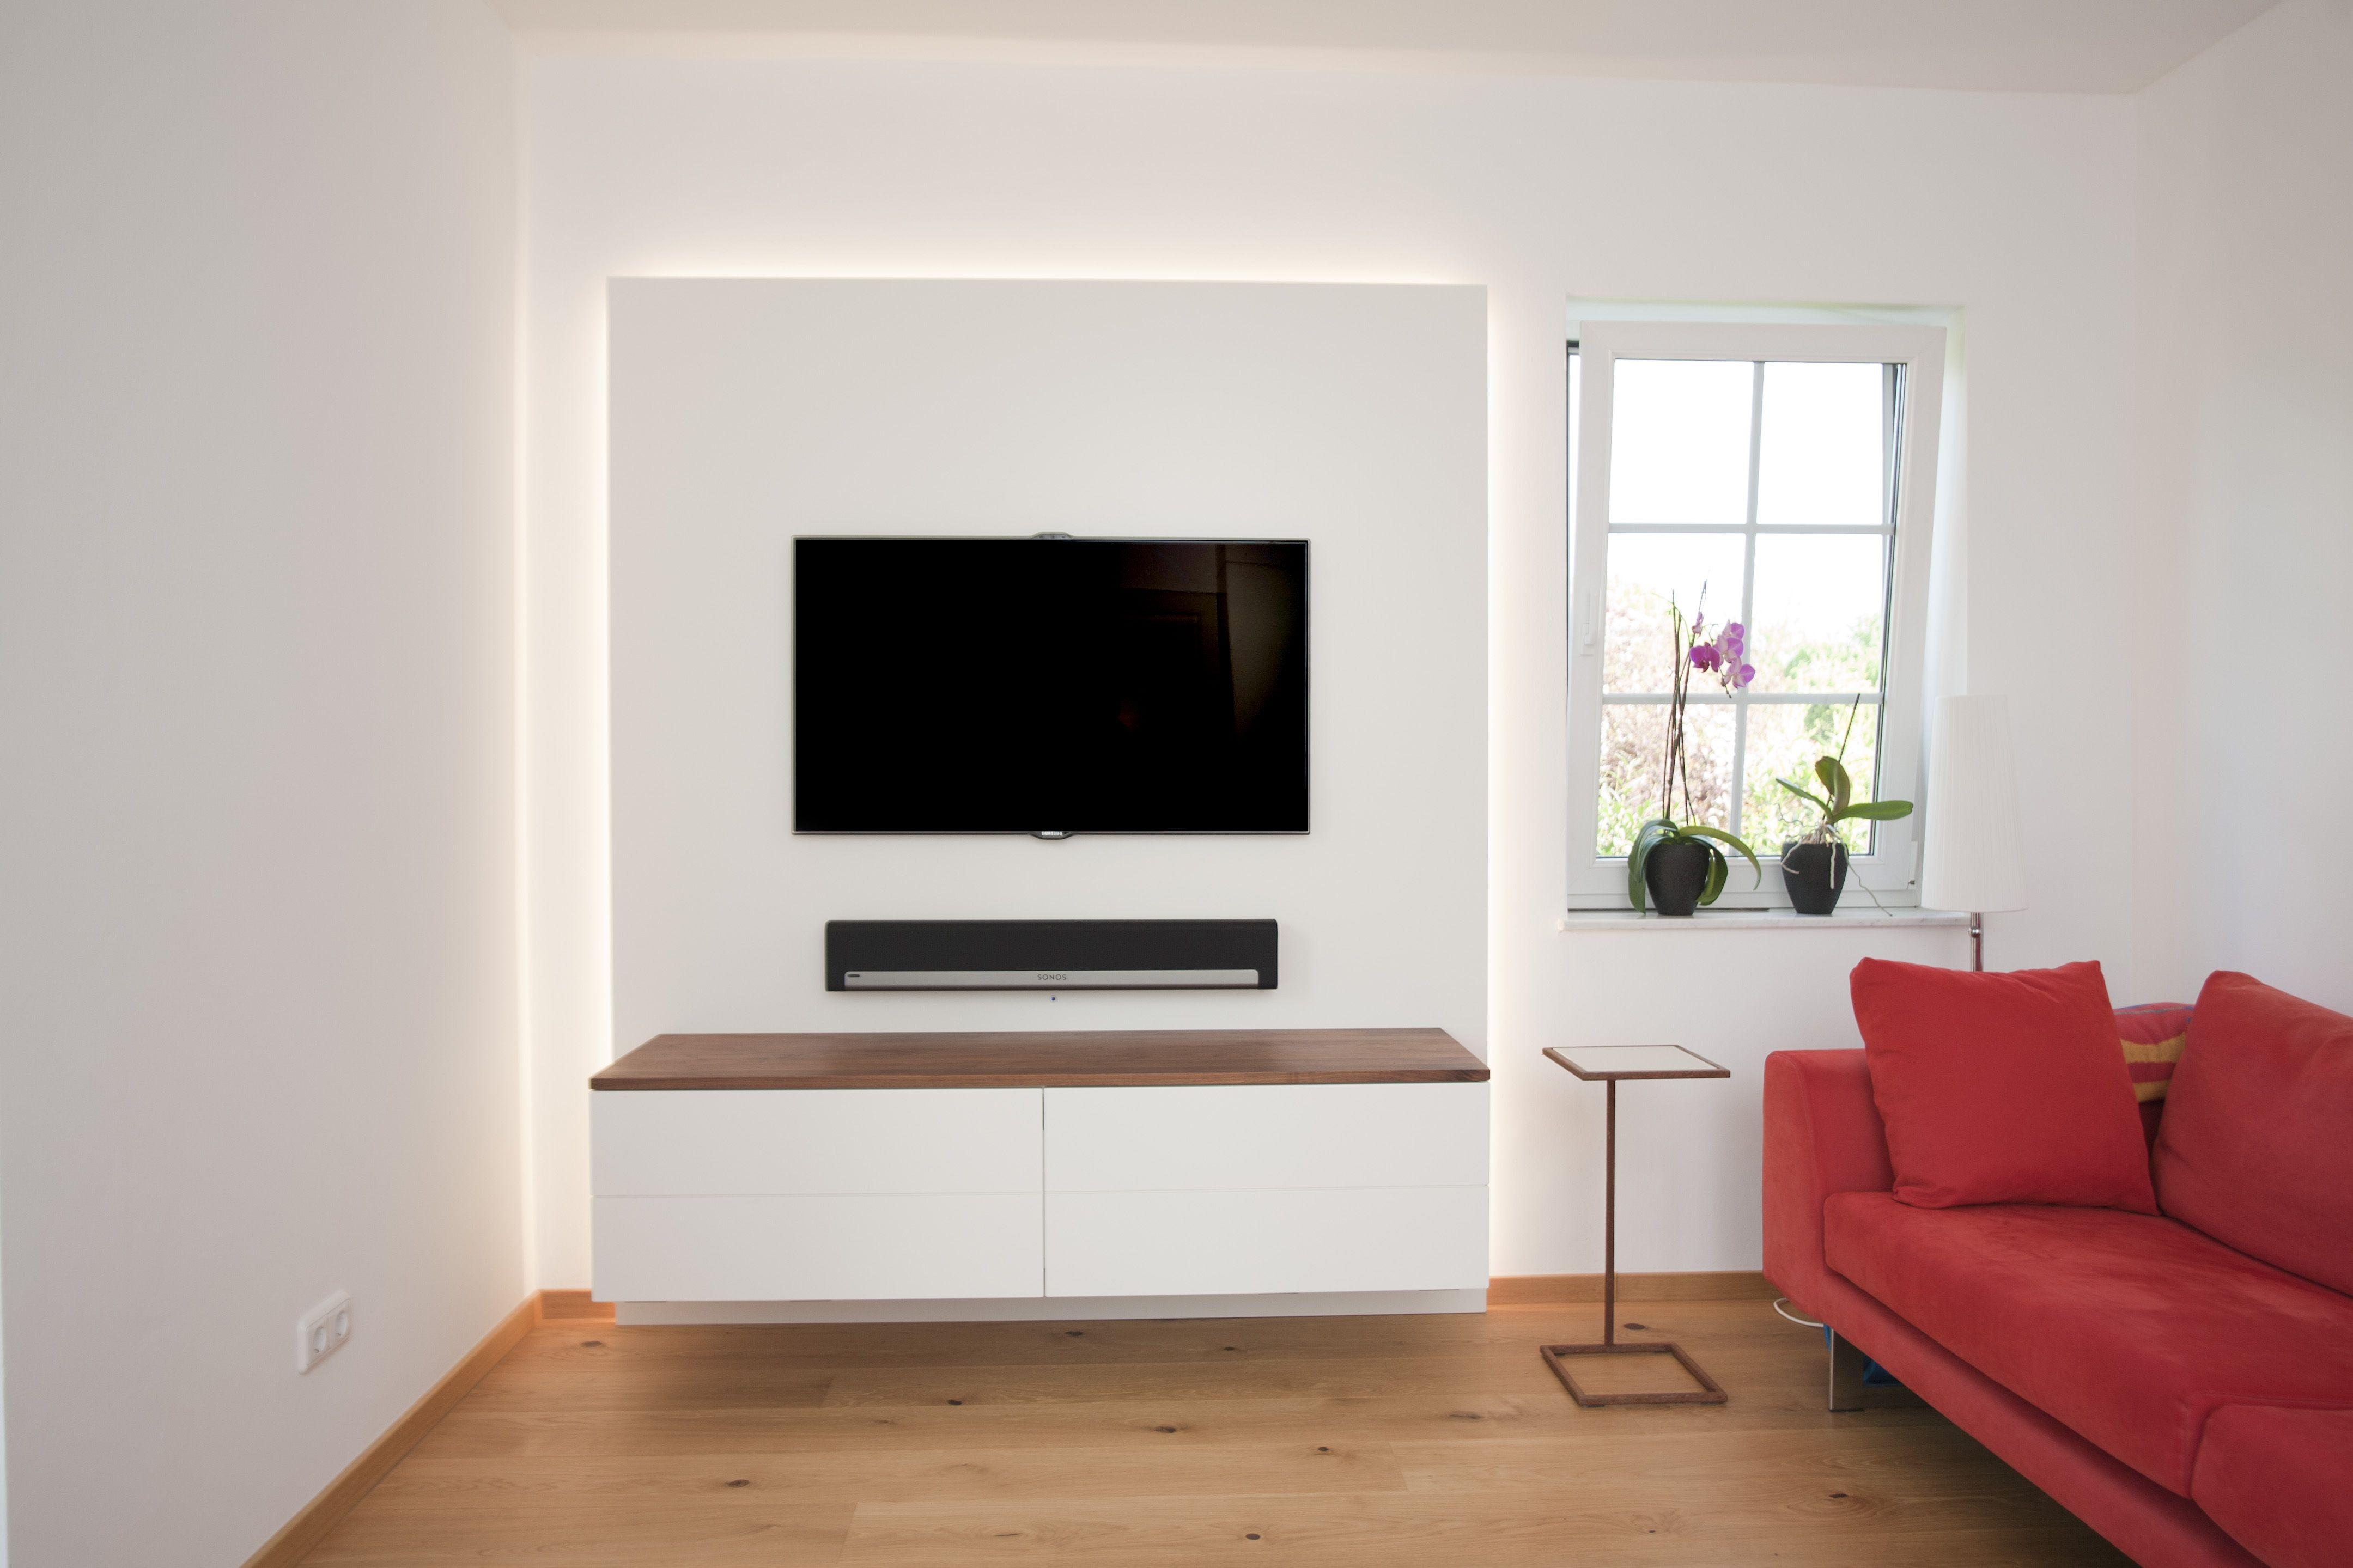 tv wand mit indirekter beleuchtung wohnen pinterest tv w nde indirekte beleuchtung und. Black Bedroom Furniture Sets. Home Design Ideas